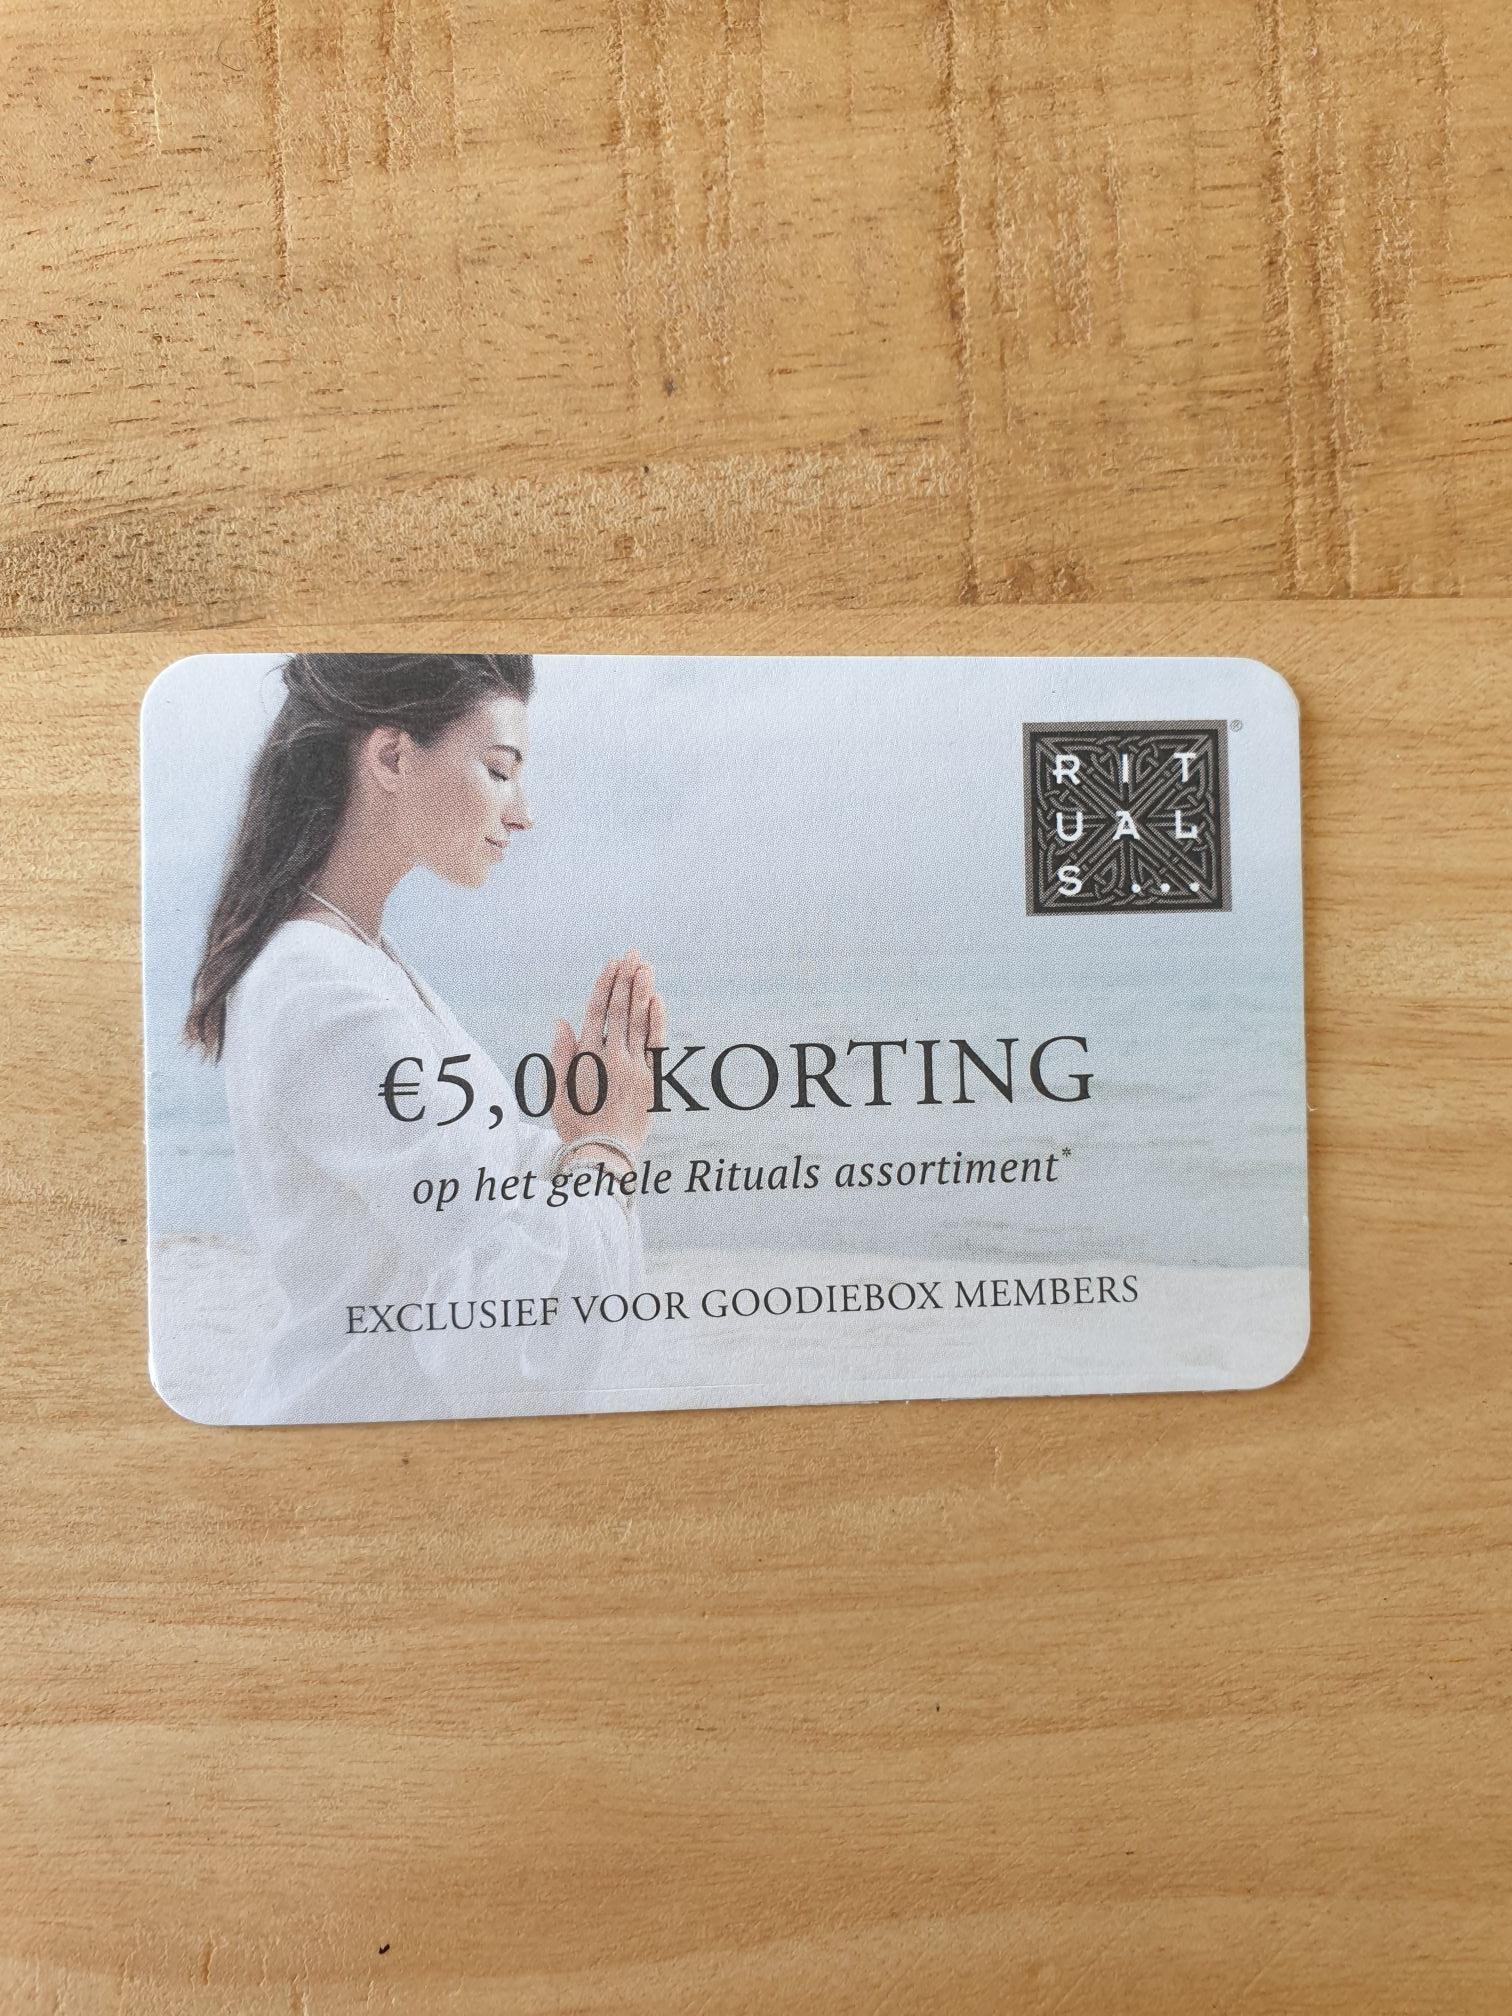 €5 korting bij Rituals, bij een minimale besteding van €35